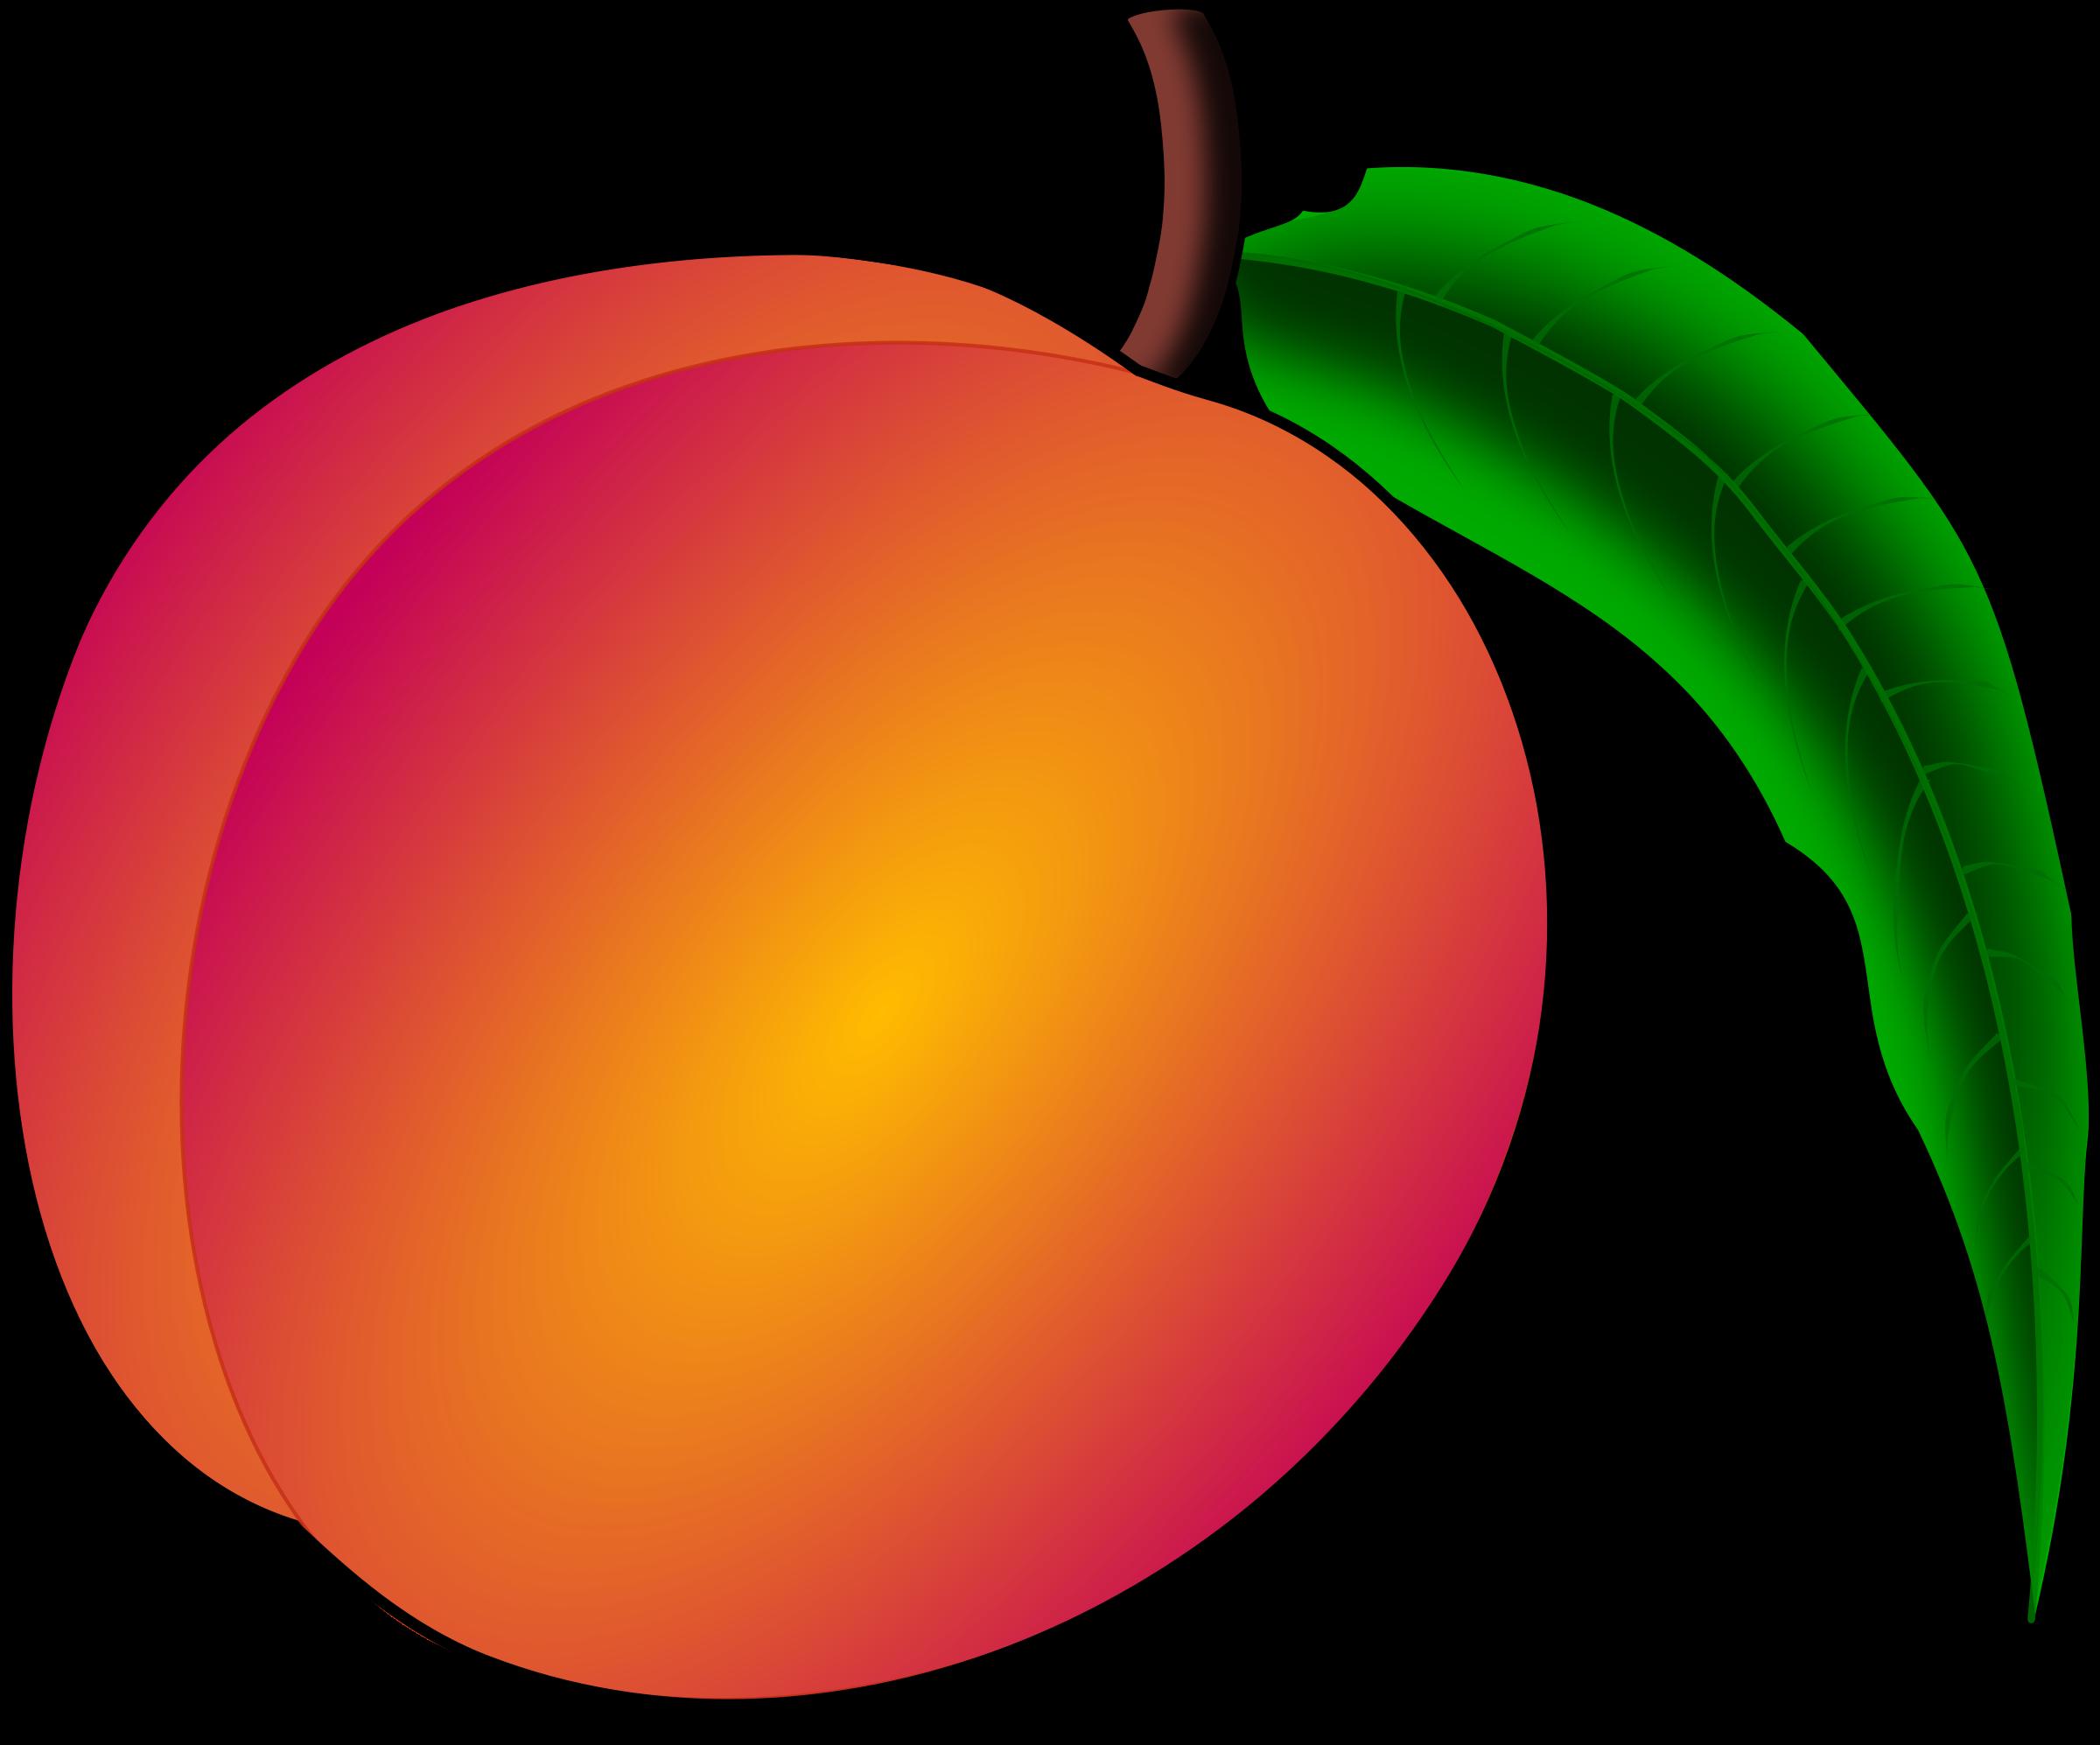 Peach Clip Art